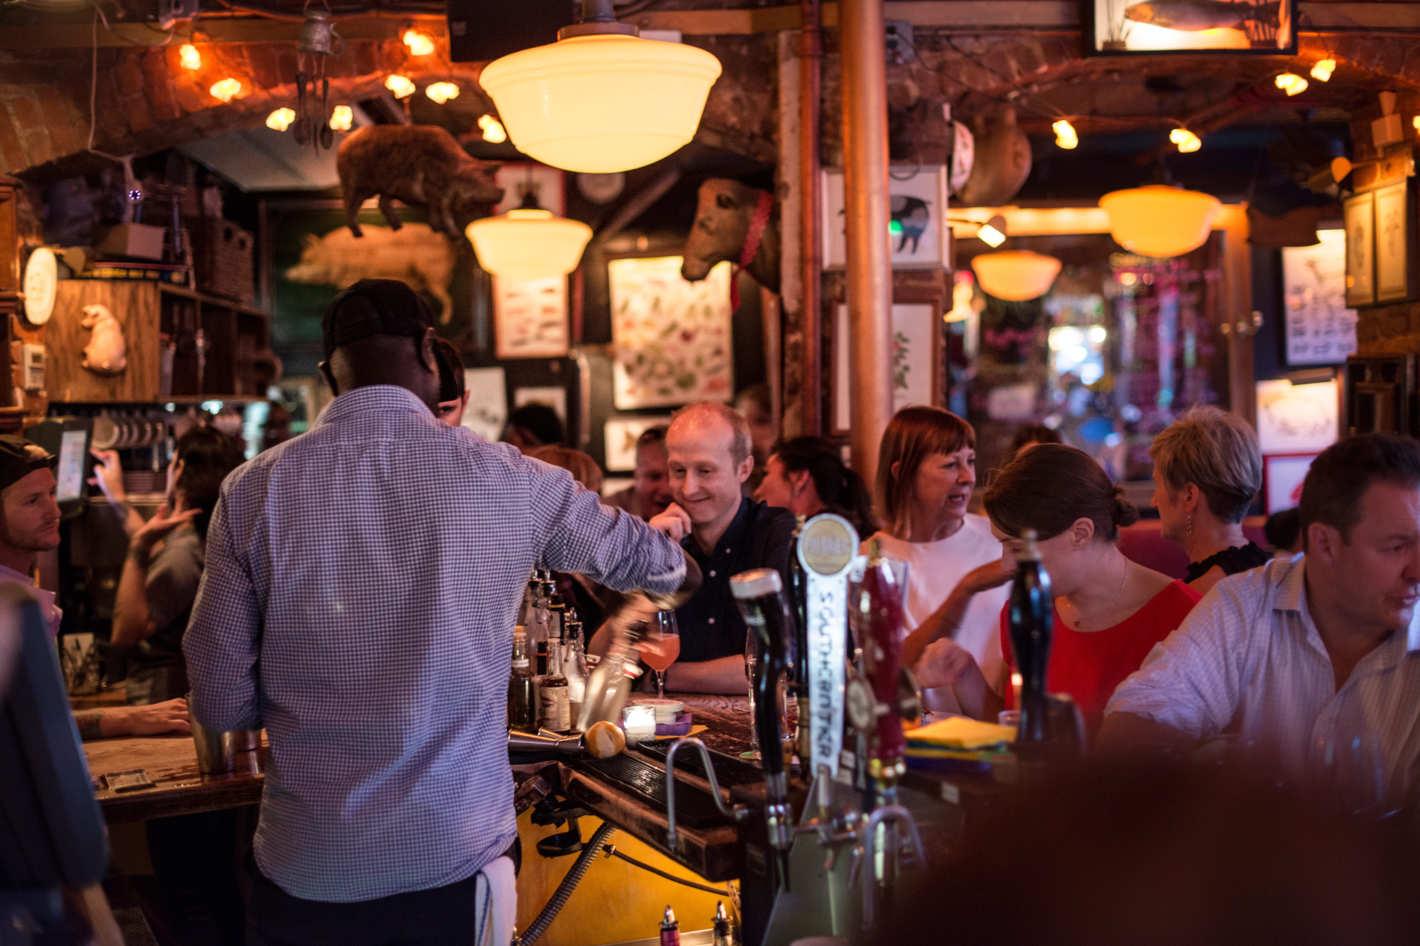 How Restaurant Blogs Redefined Dining Forever - Grub Street (9/22/16)